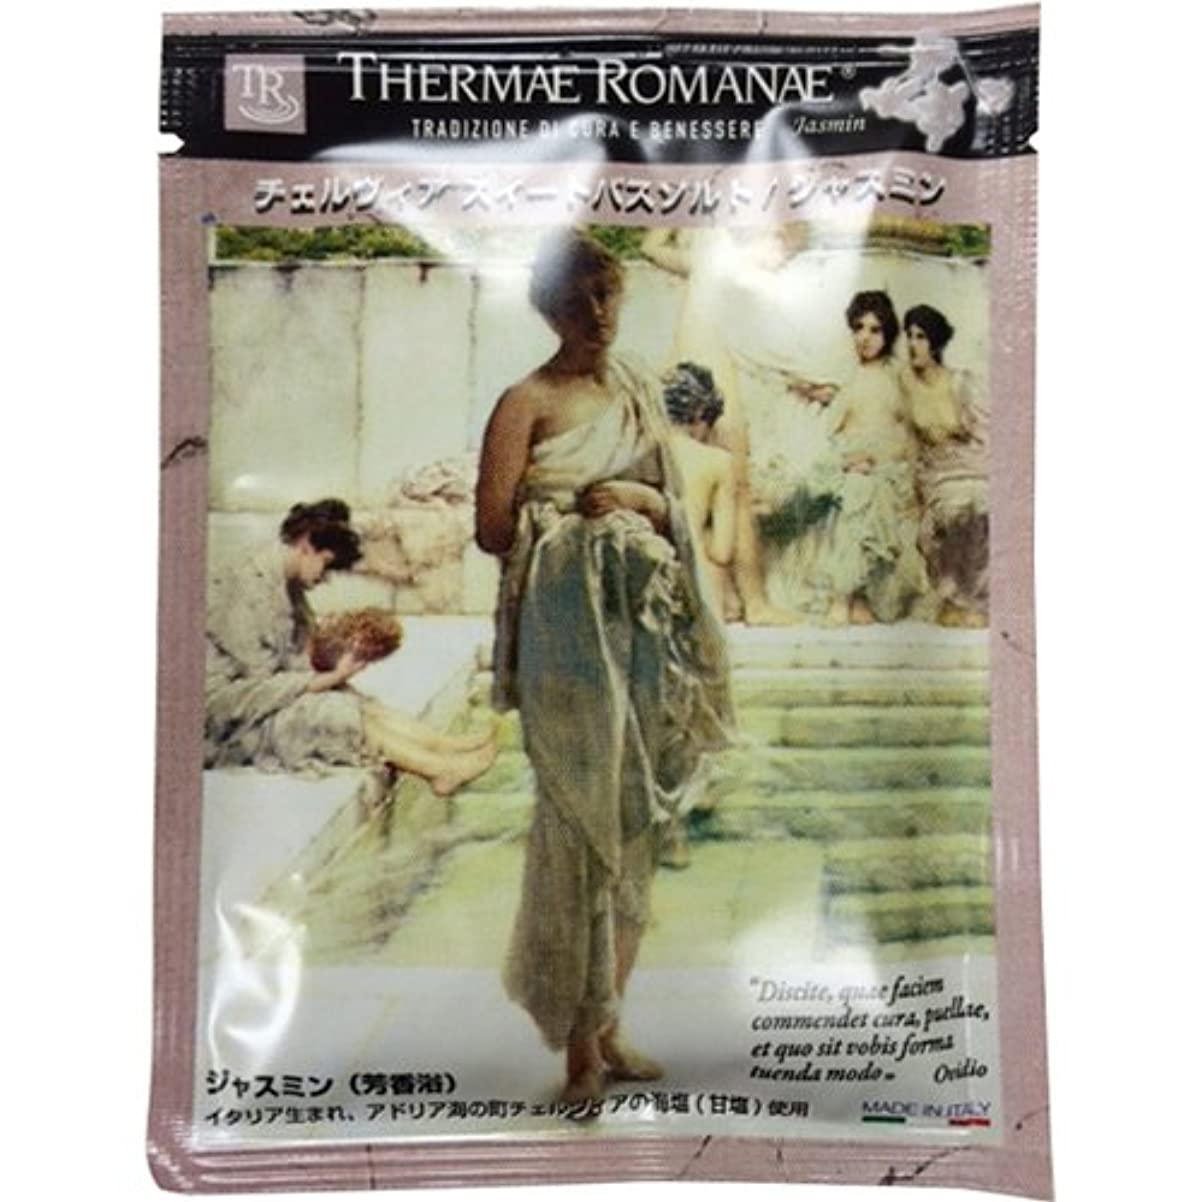 平衡オーバーラン曲THERMAE ROMANAE(テルマエ ロマエ) チェルヴィア スイート バスソルト40g ジャスミン